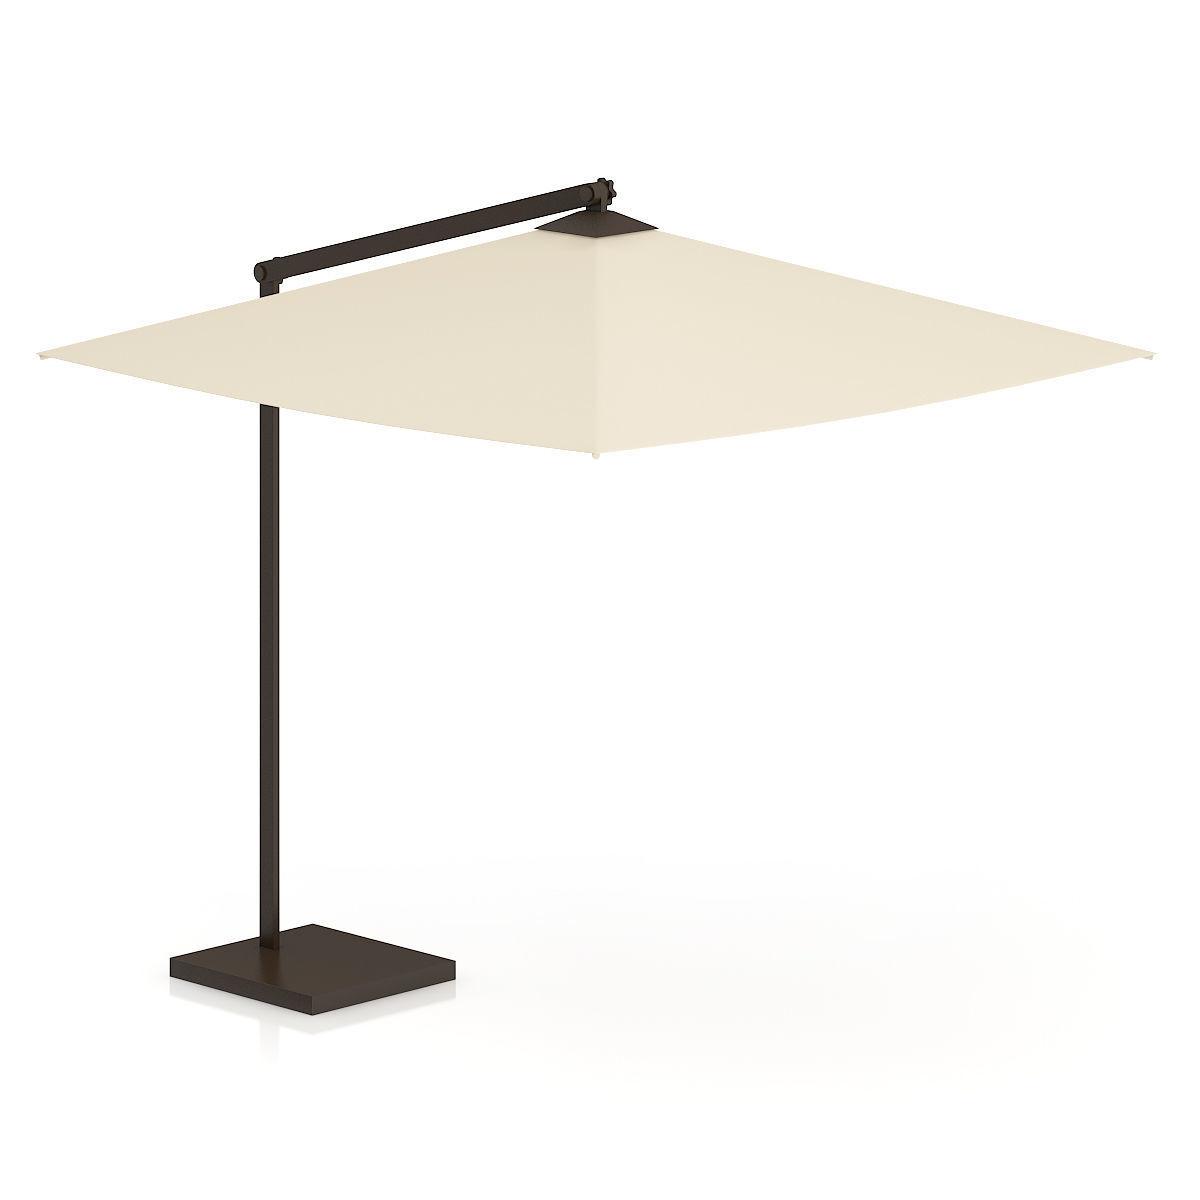 Square Beige Sunshade Umbrella